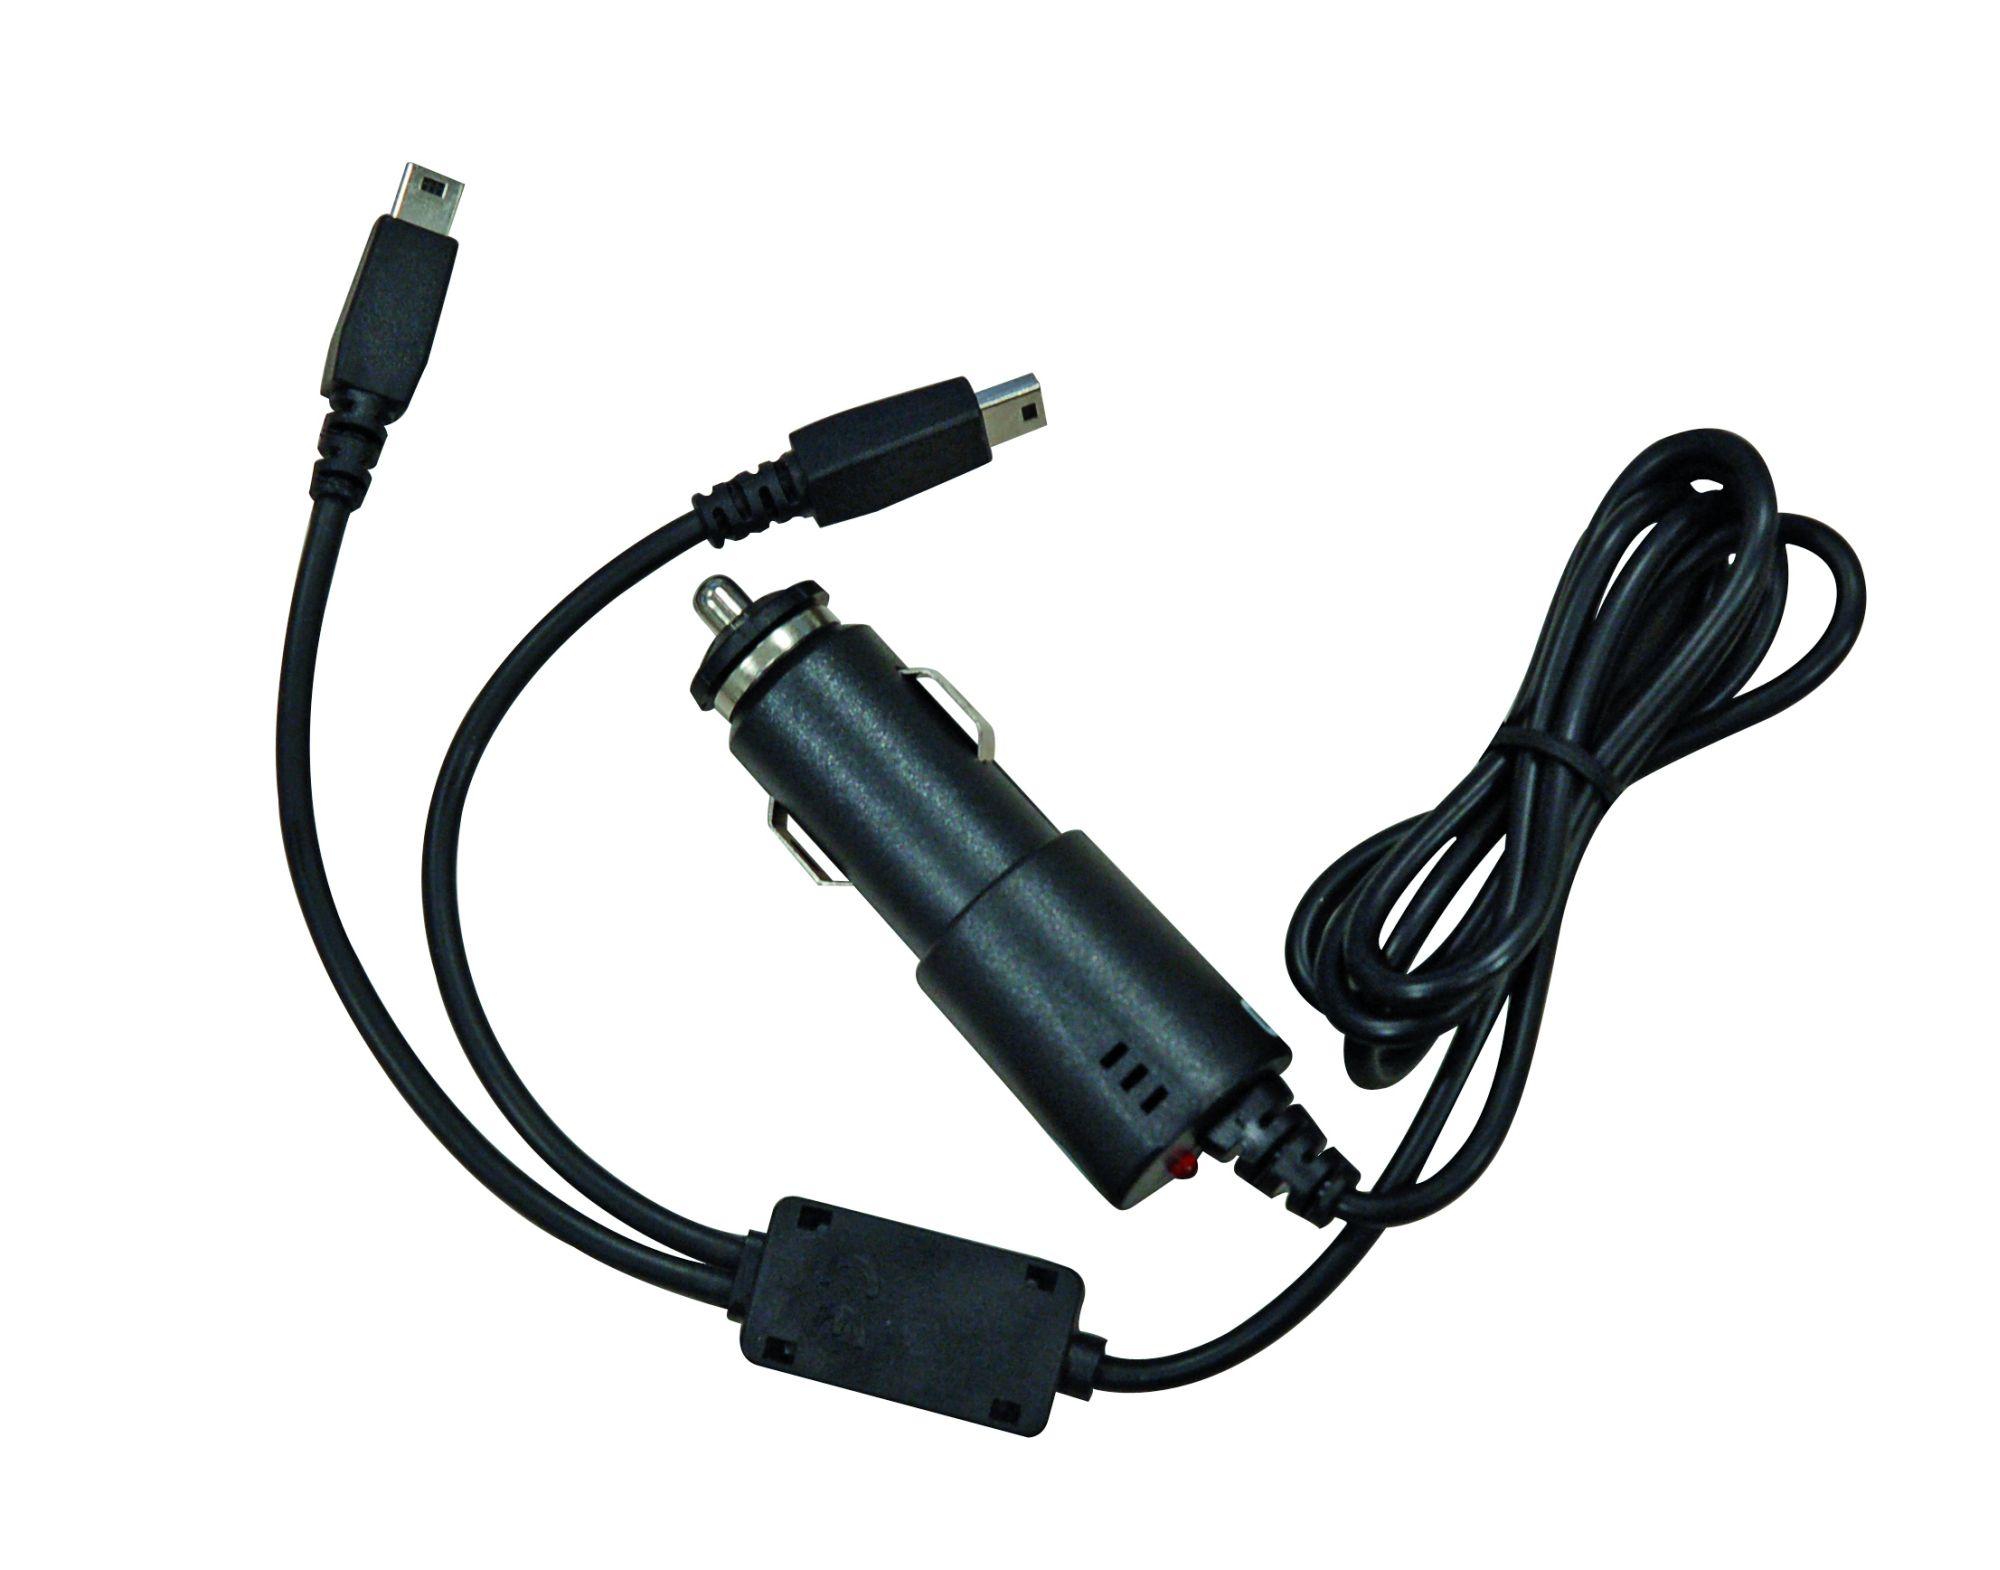 BTシリーズ シガーソケット充電器 (ケーブル付き)C894